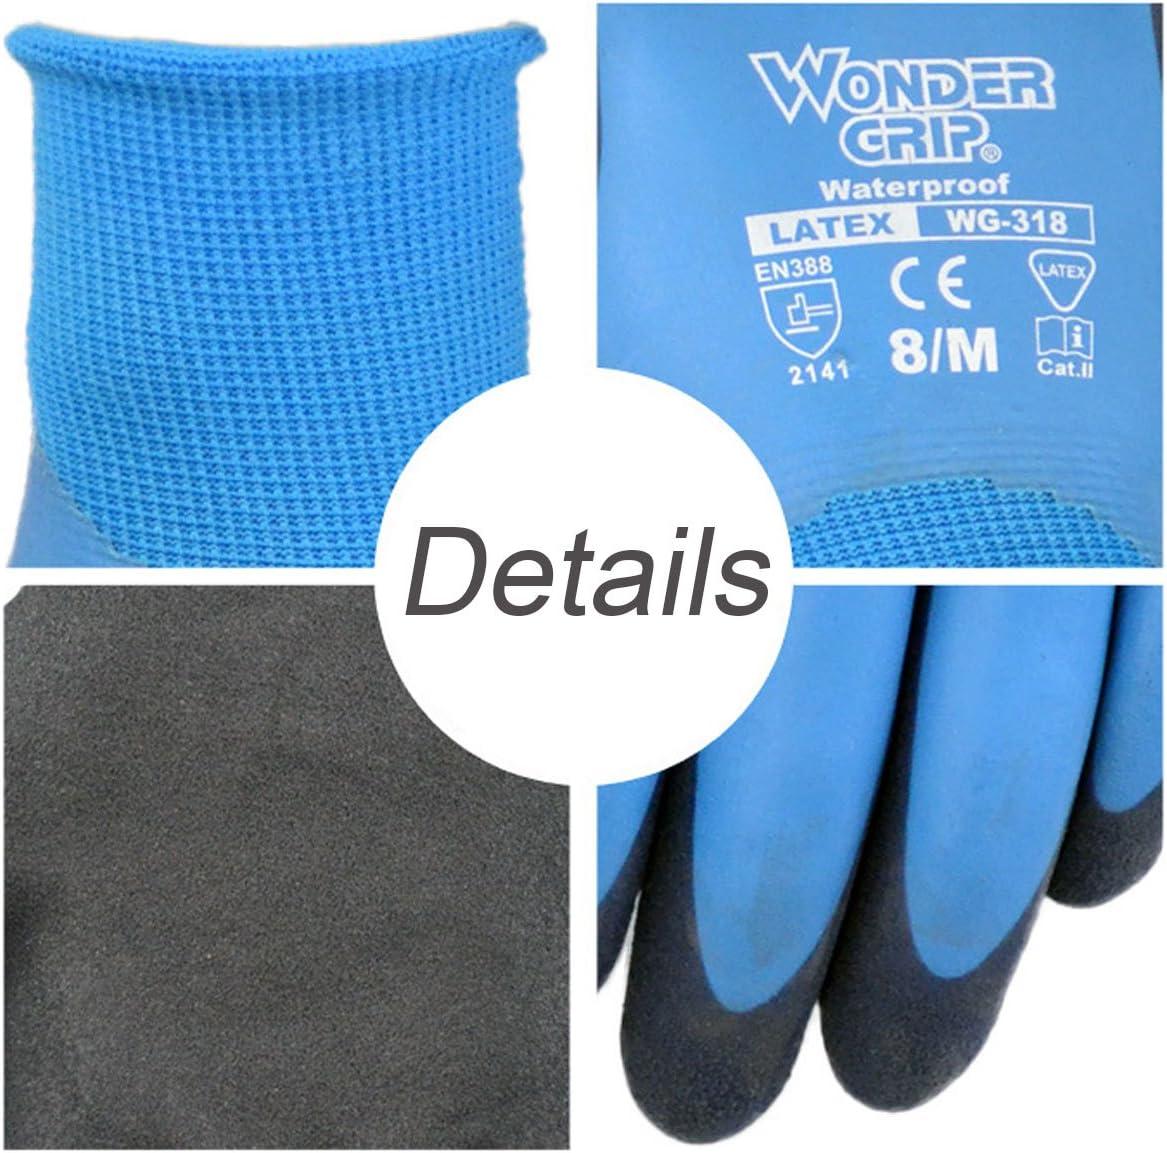 Wonder agarre notebookbits impermeabilidad guantes de l/átex de trabajo de Nylon guante de jardiner/ía